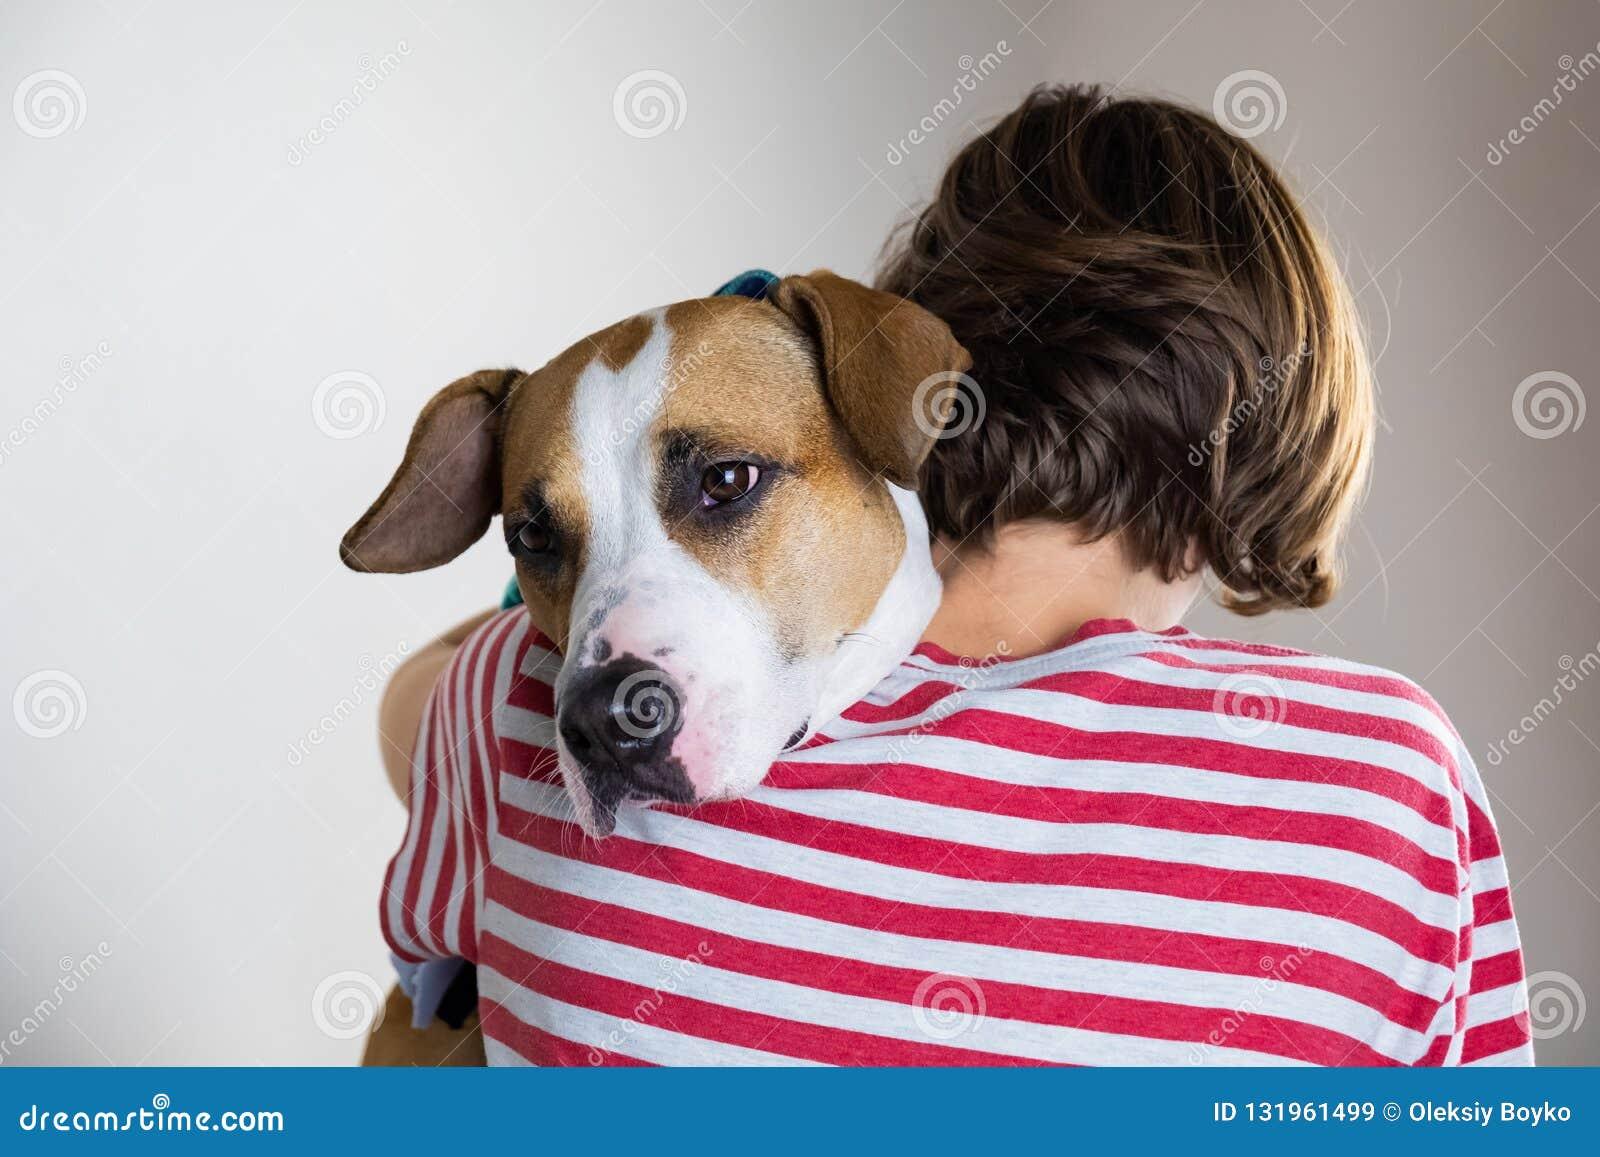 爱和仁慈对动物概念